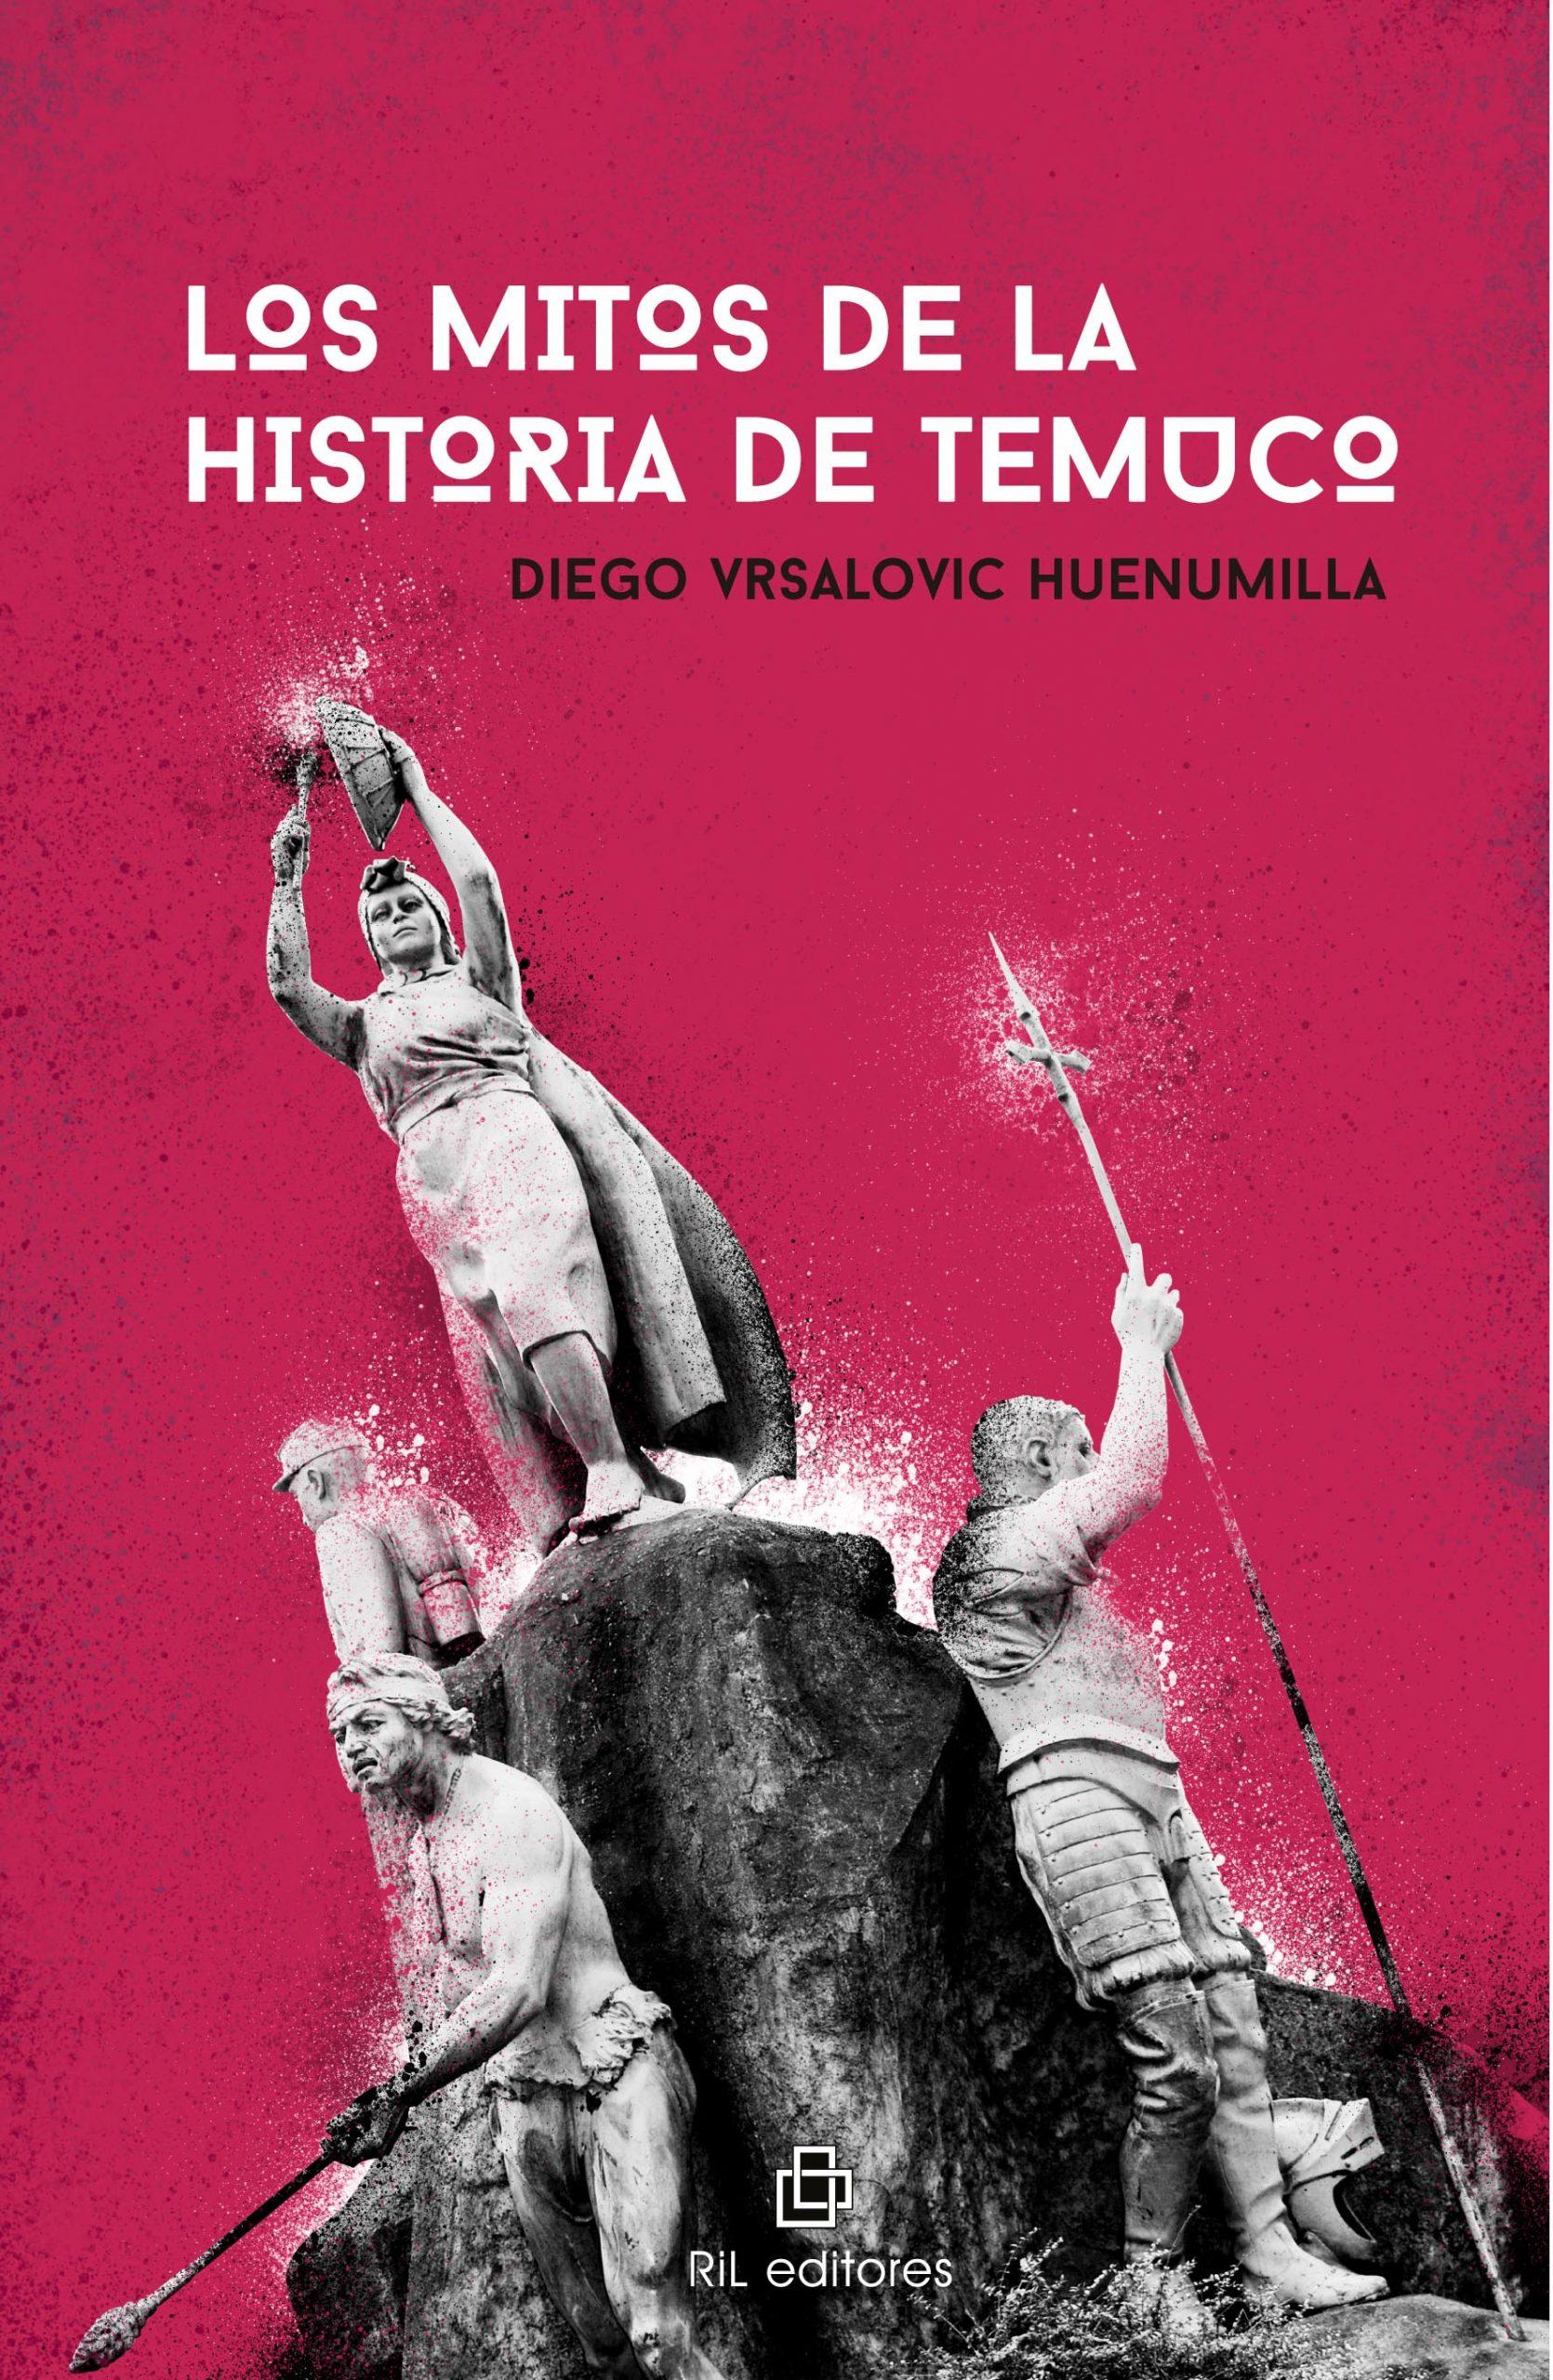 9788418065798 - Vrsalovic, Diego - 2021 - Los mitos de la historia de Temuco-1